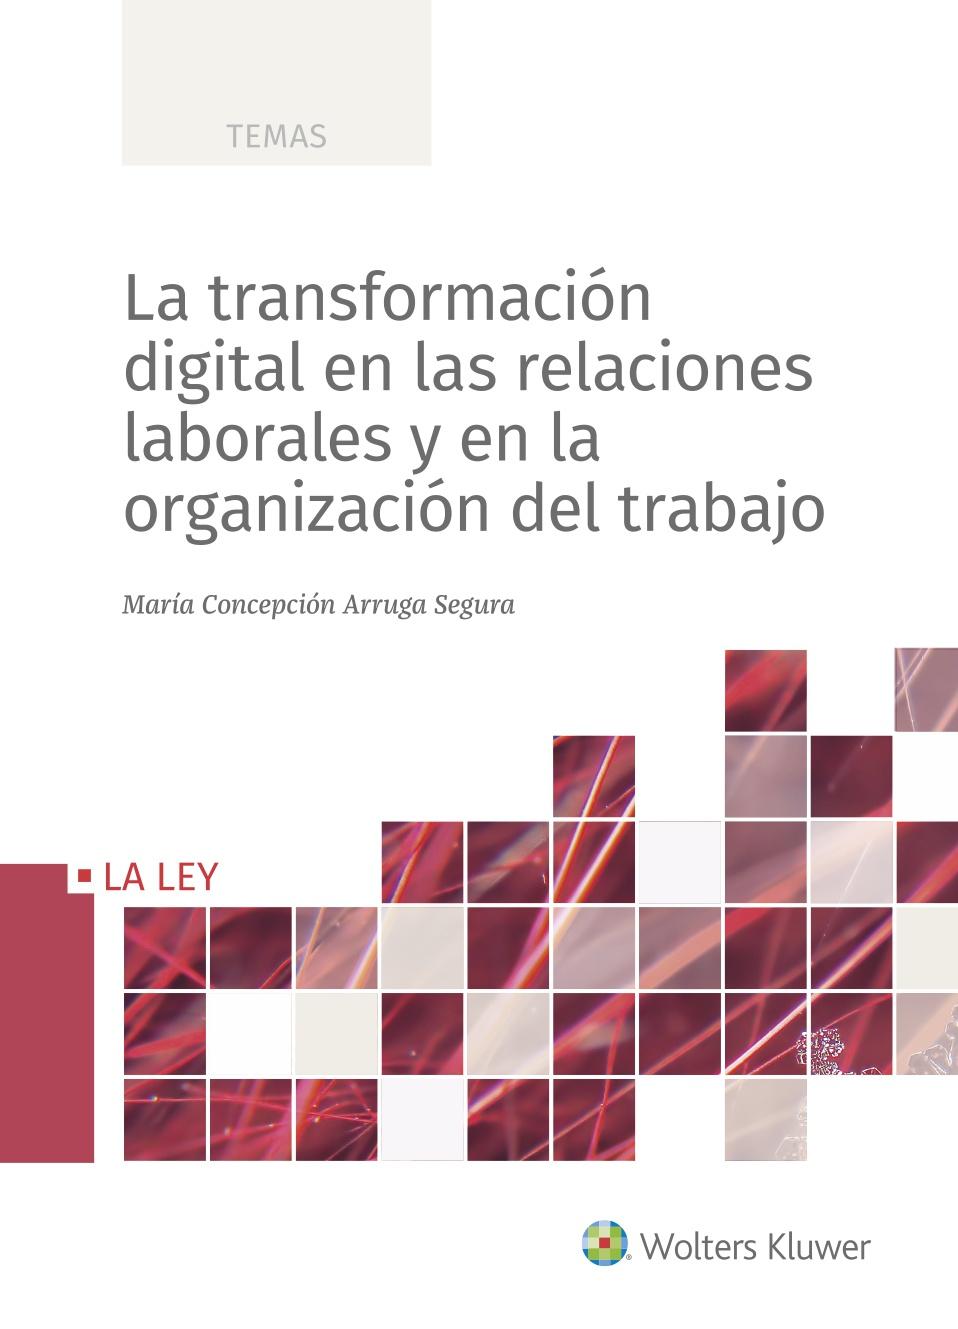 La transformación digital en las relaciones laborales y en la organización del trabajo